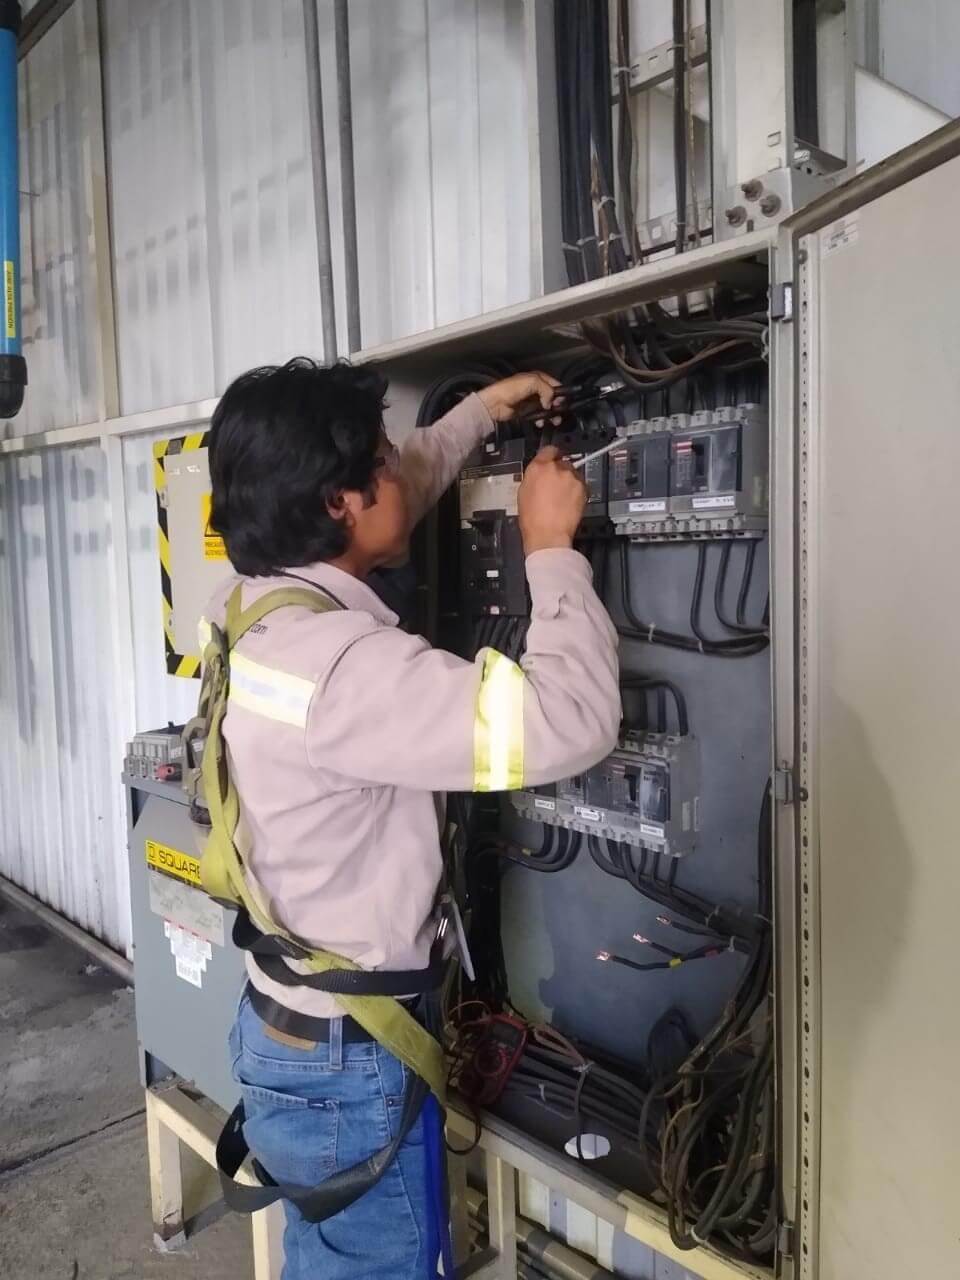 persona instalando una red electrica